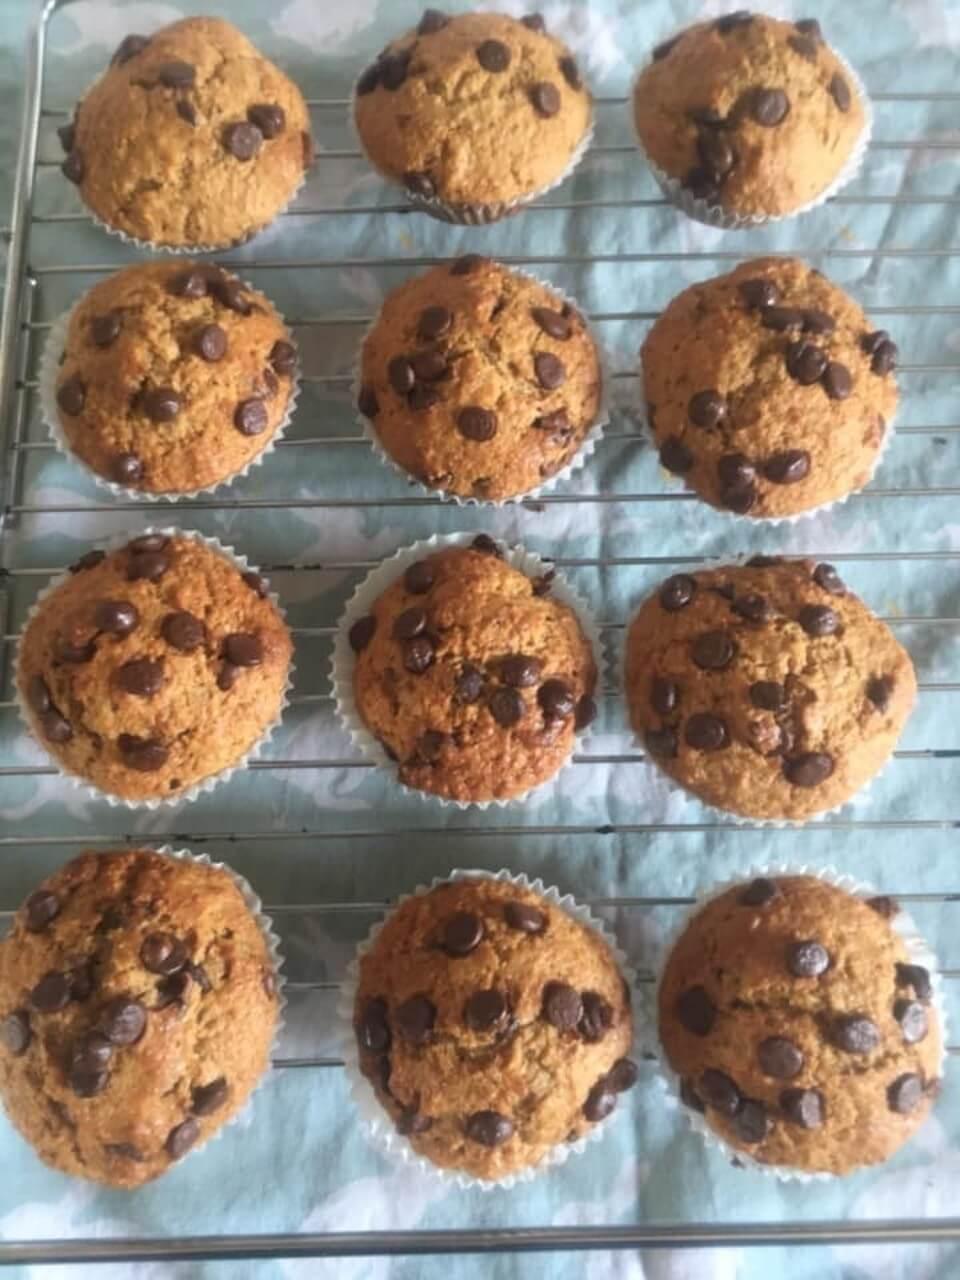 Katie's muffins